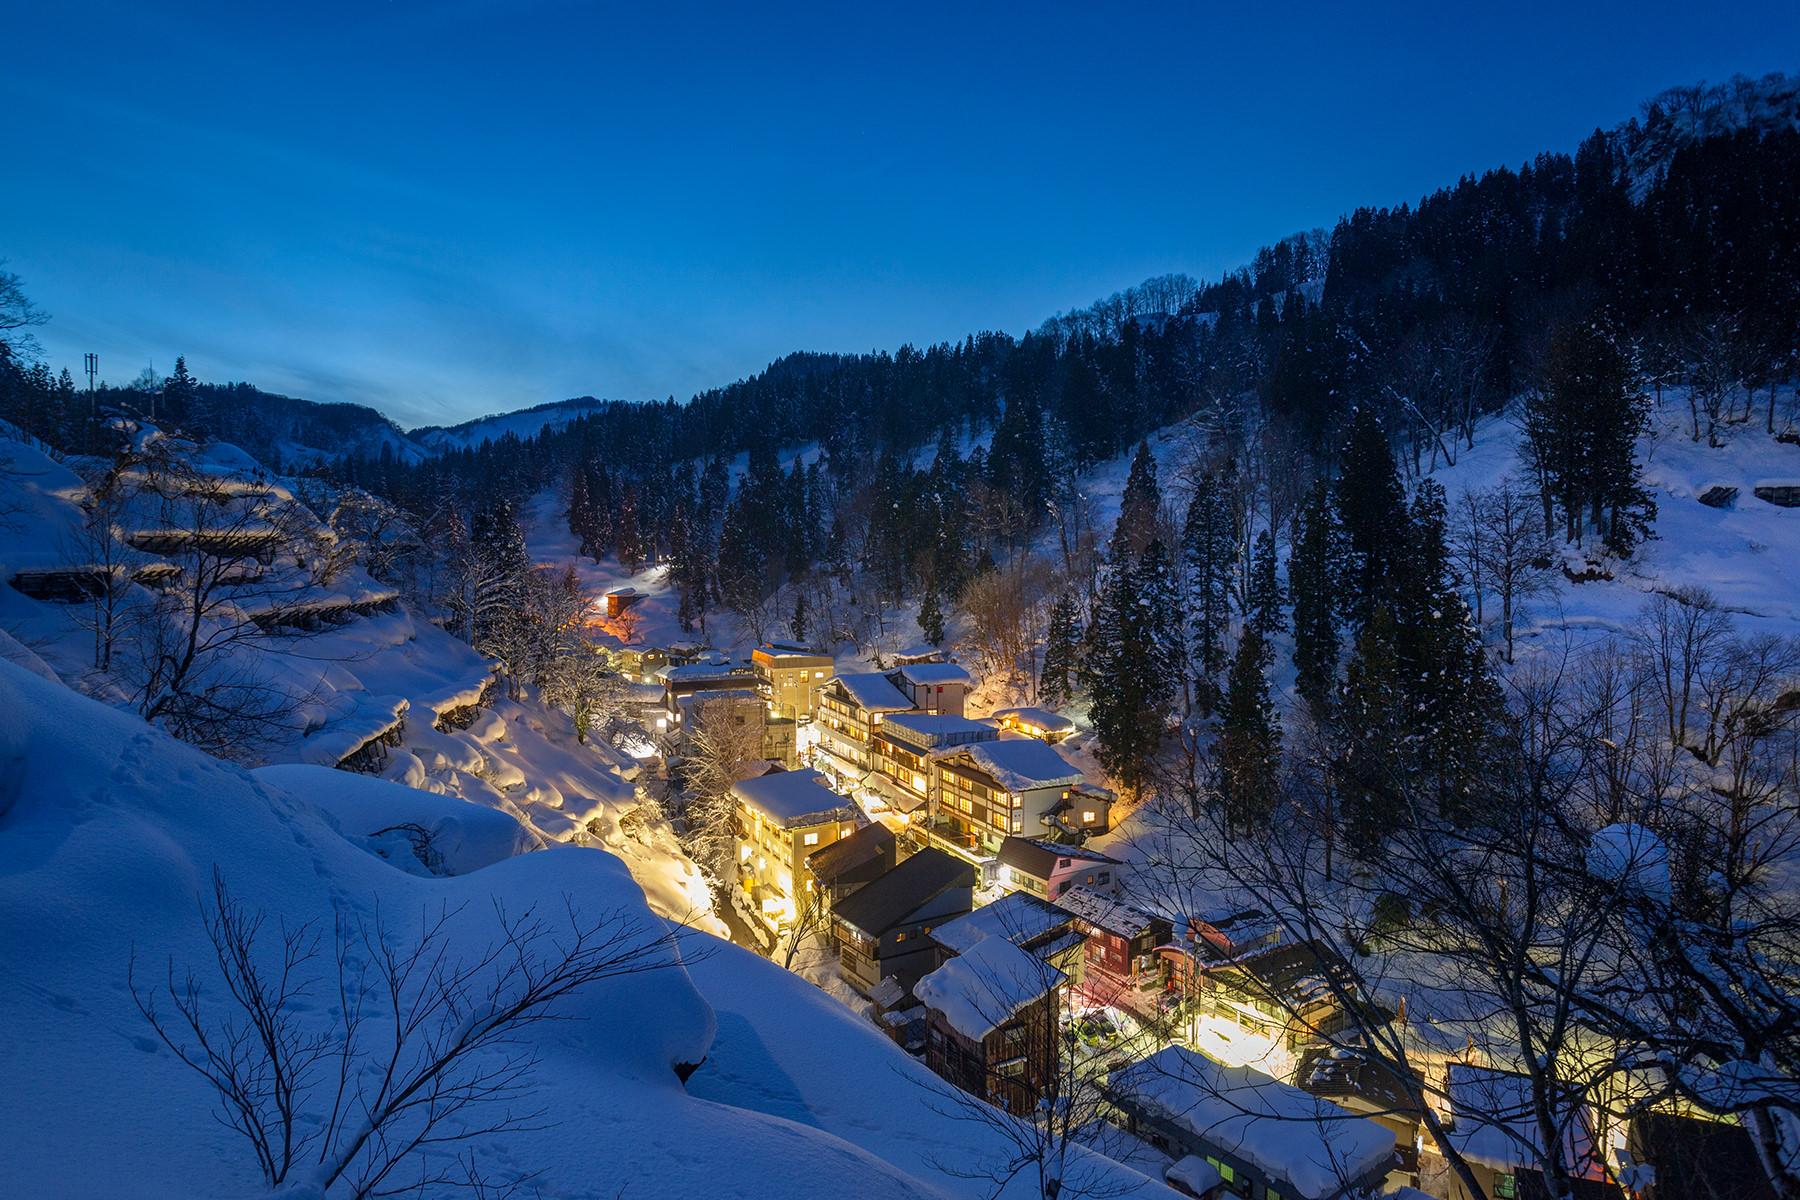 冬-1ー雪の温泉街